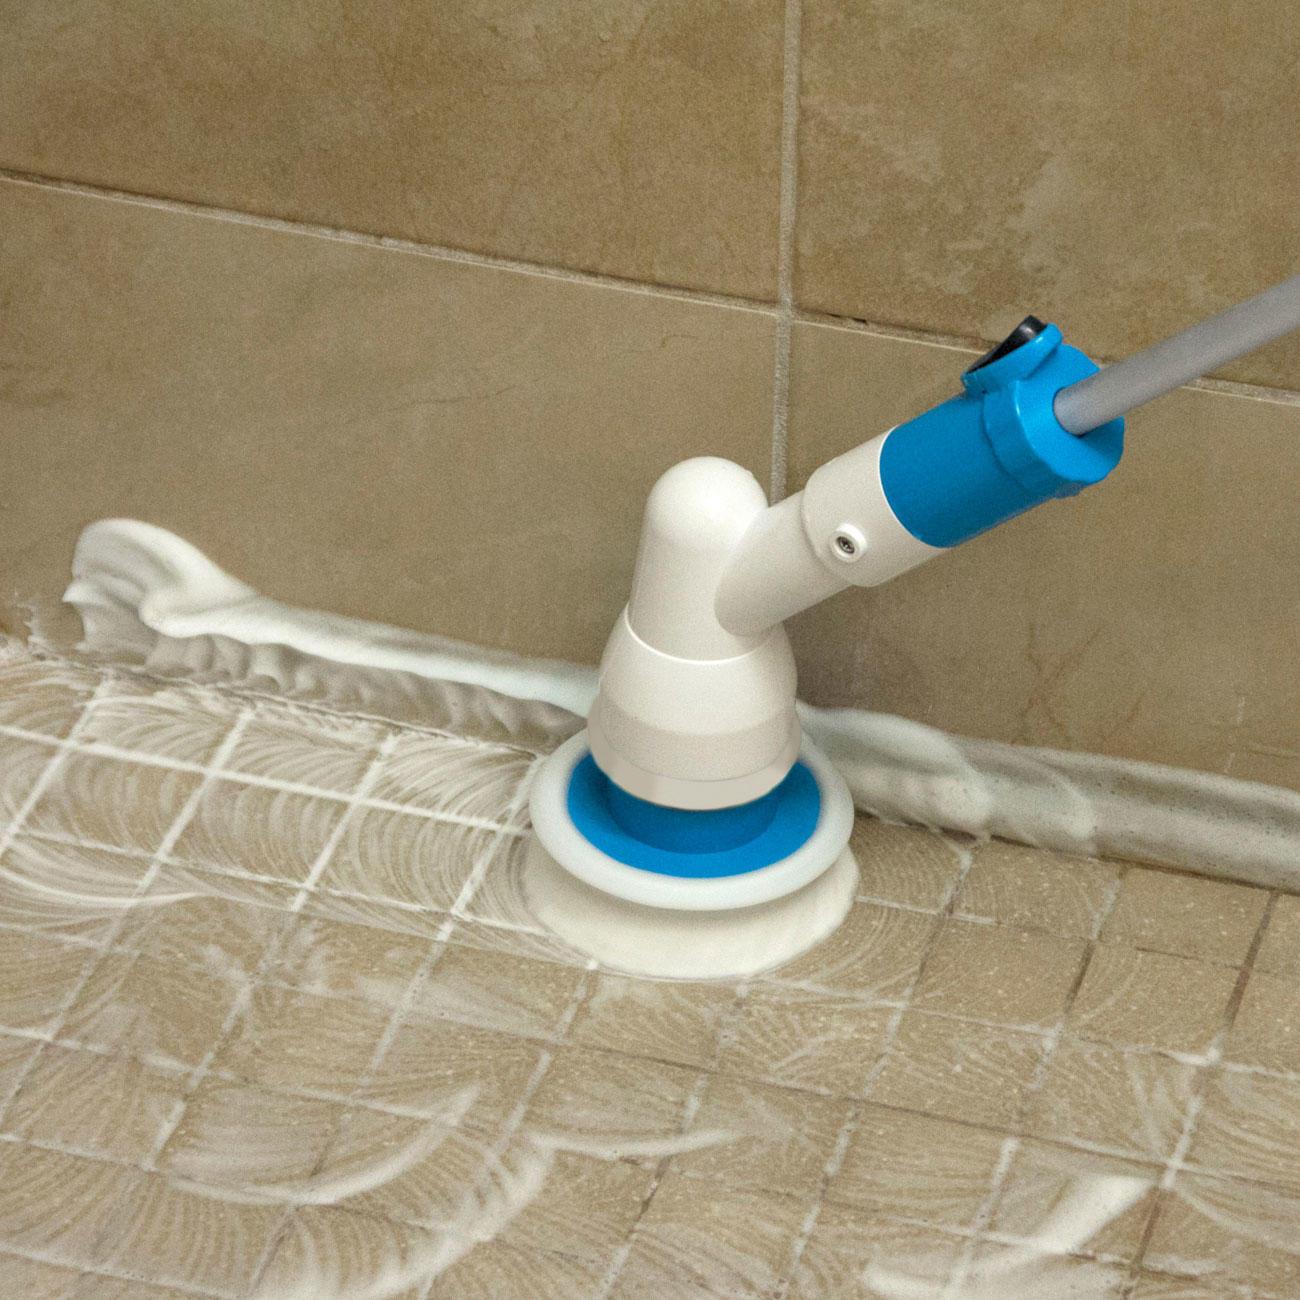 hurricane spin scrubber reinigungsb rste elektrisch. Black Bedroom Furniture Sets. Home Design Ideas